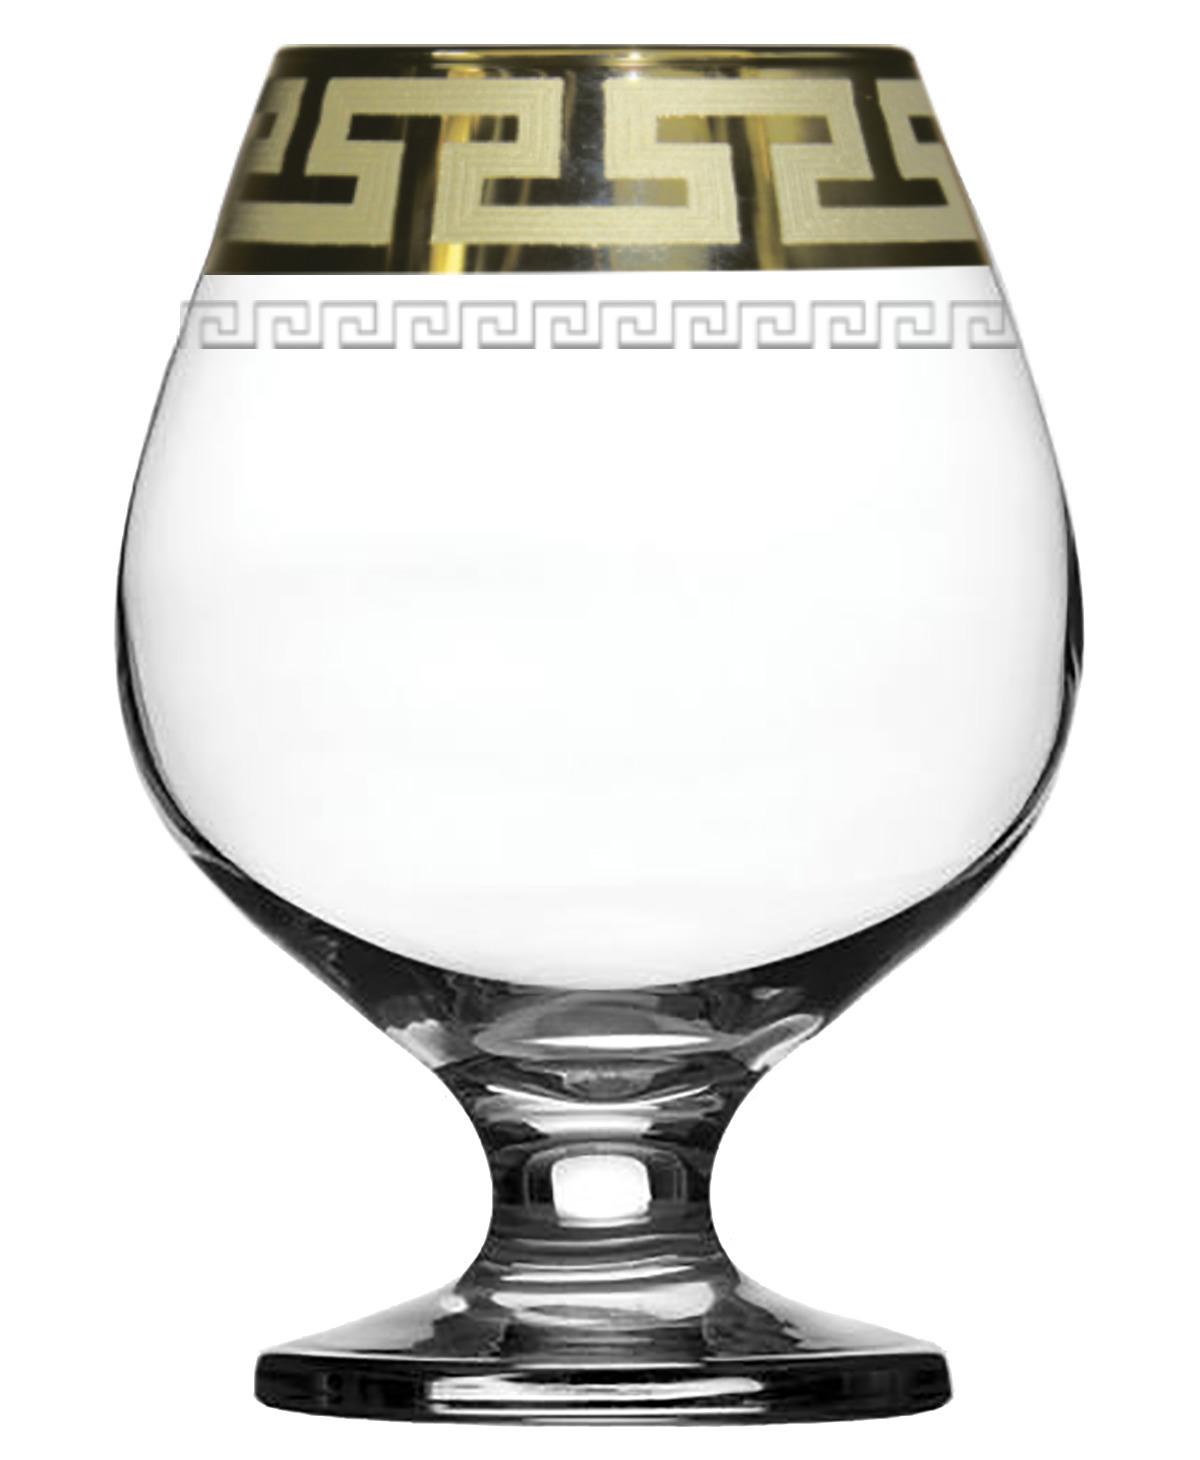 Набор бокалов для бренди Гусь-Хрустальный Греческий узор, GE03-188, 400 мл, 6 шт набор бокалов гусь хрустальный золотой карат